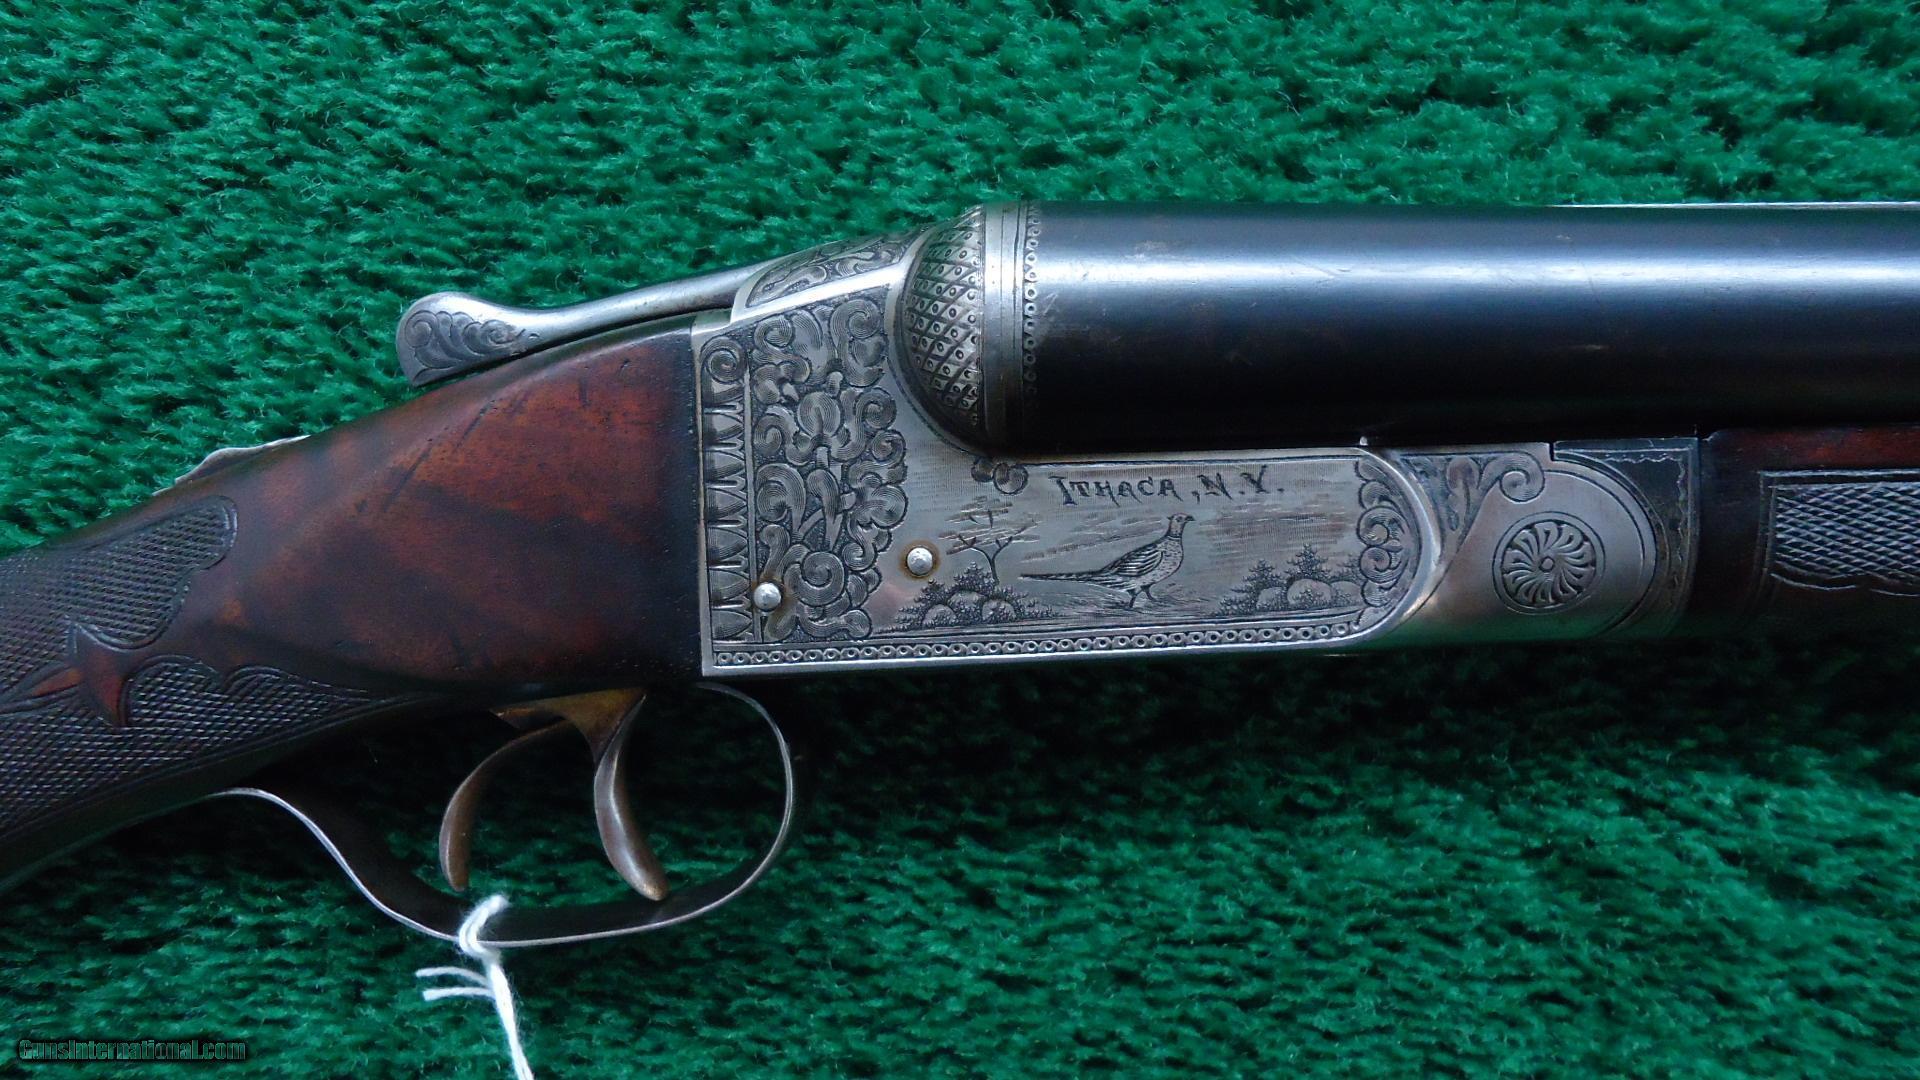 ITHACA FLUES GRADE 4E DOUBLE BBL SHOTGUN for sale